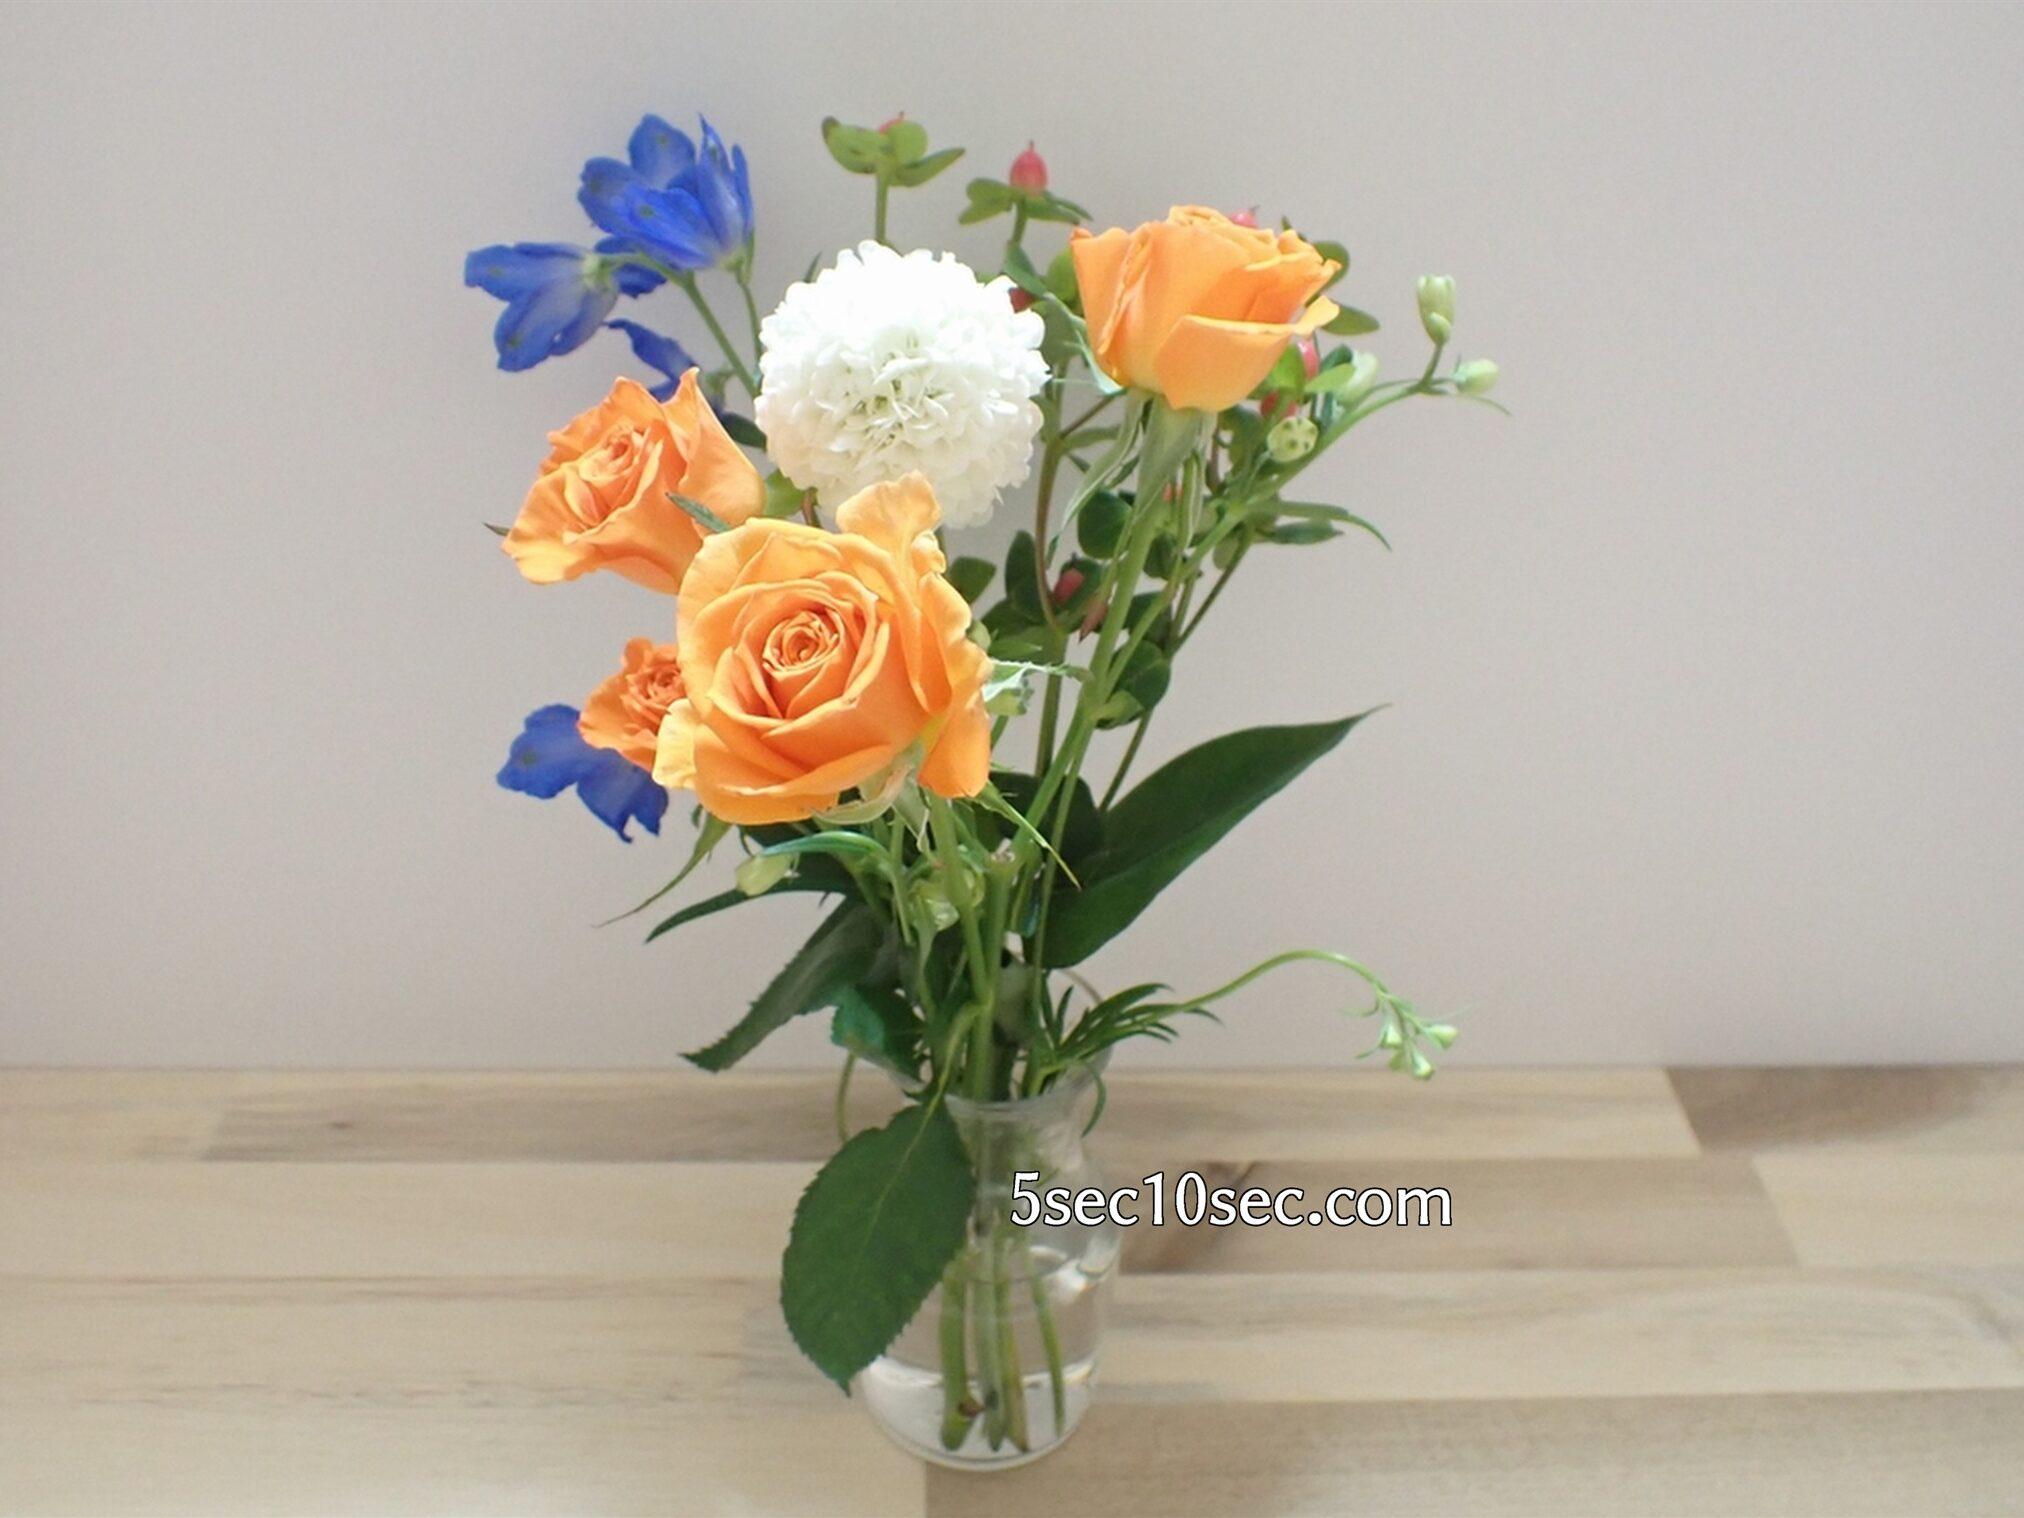 Bloomee LIFE(ブルーミーライフ)レギュラープラン 今週のお花 届いたらお手入れをして休ませる